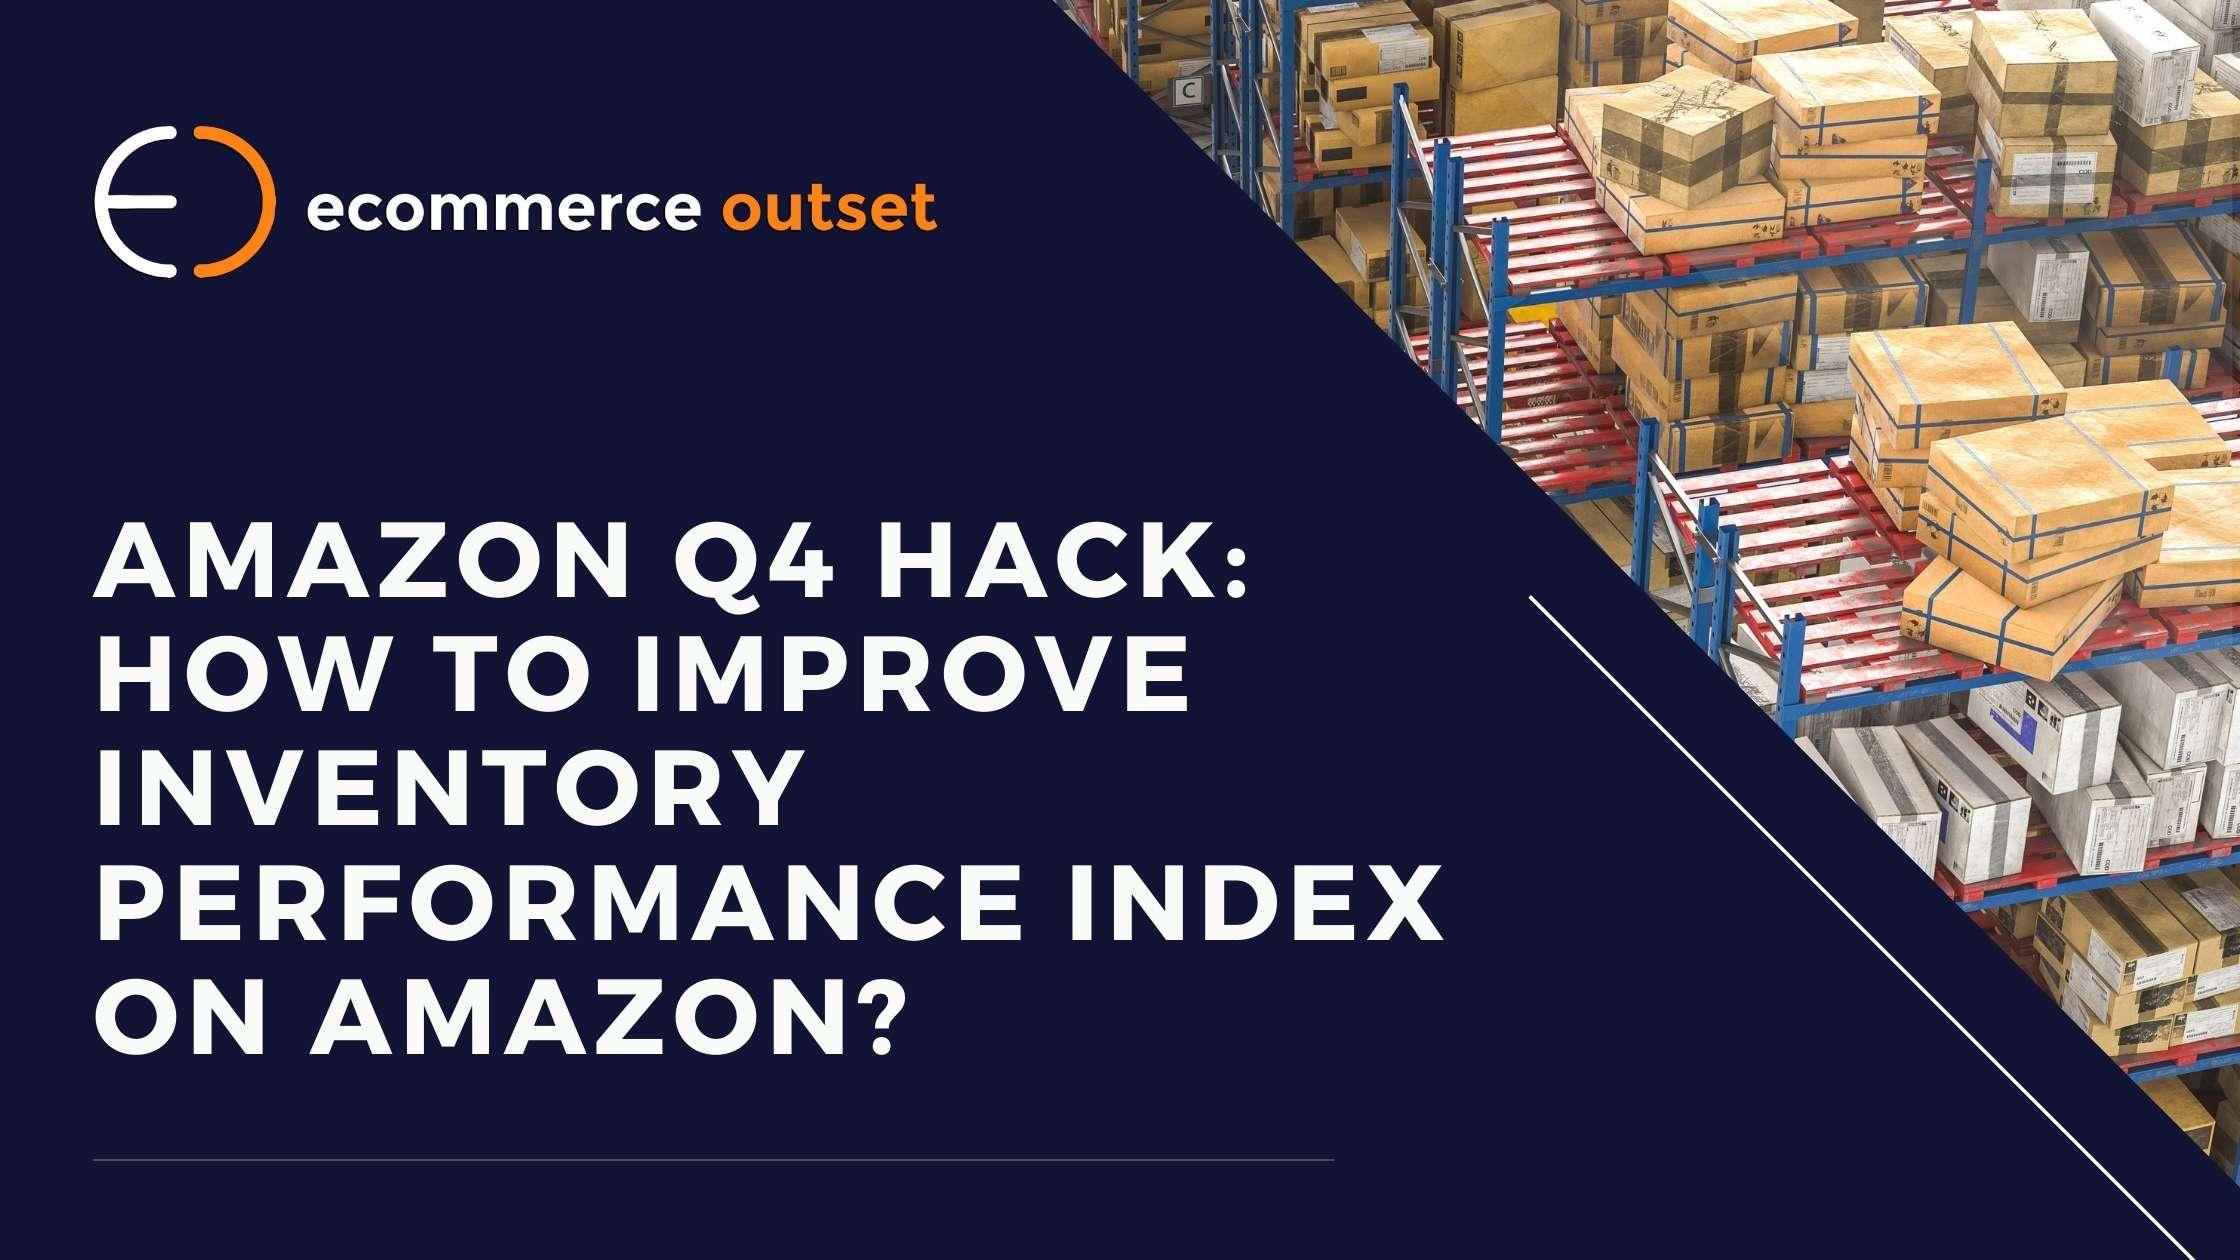 Amazon Q4 Hack: How to Improve Inventory Performance Index on Amazon?